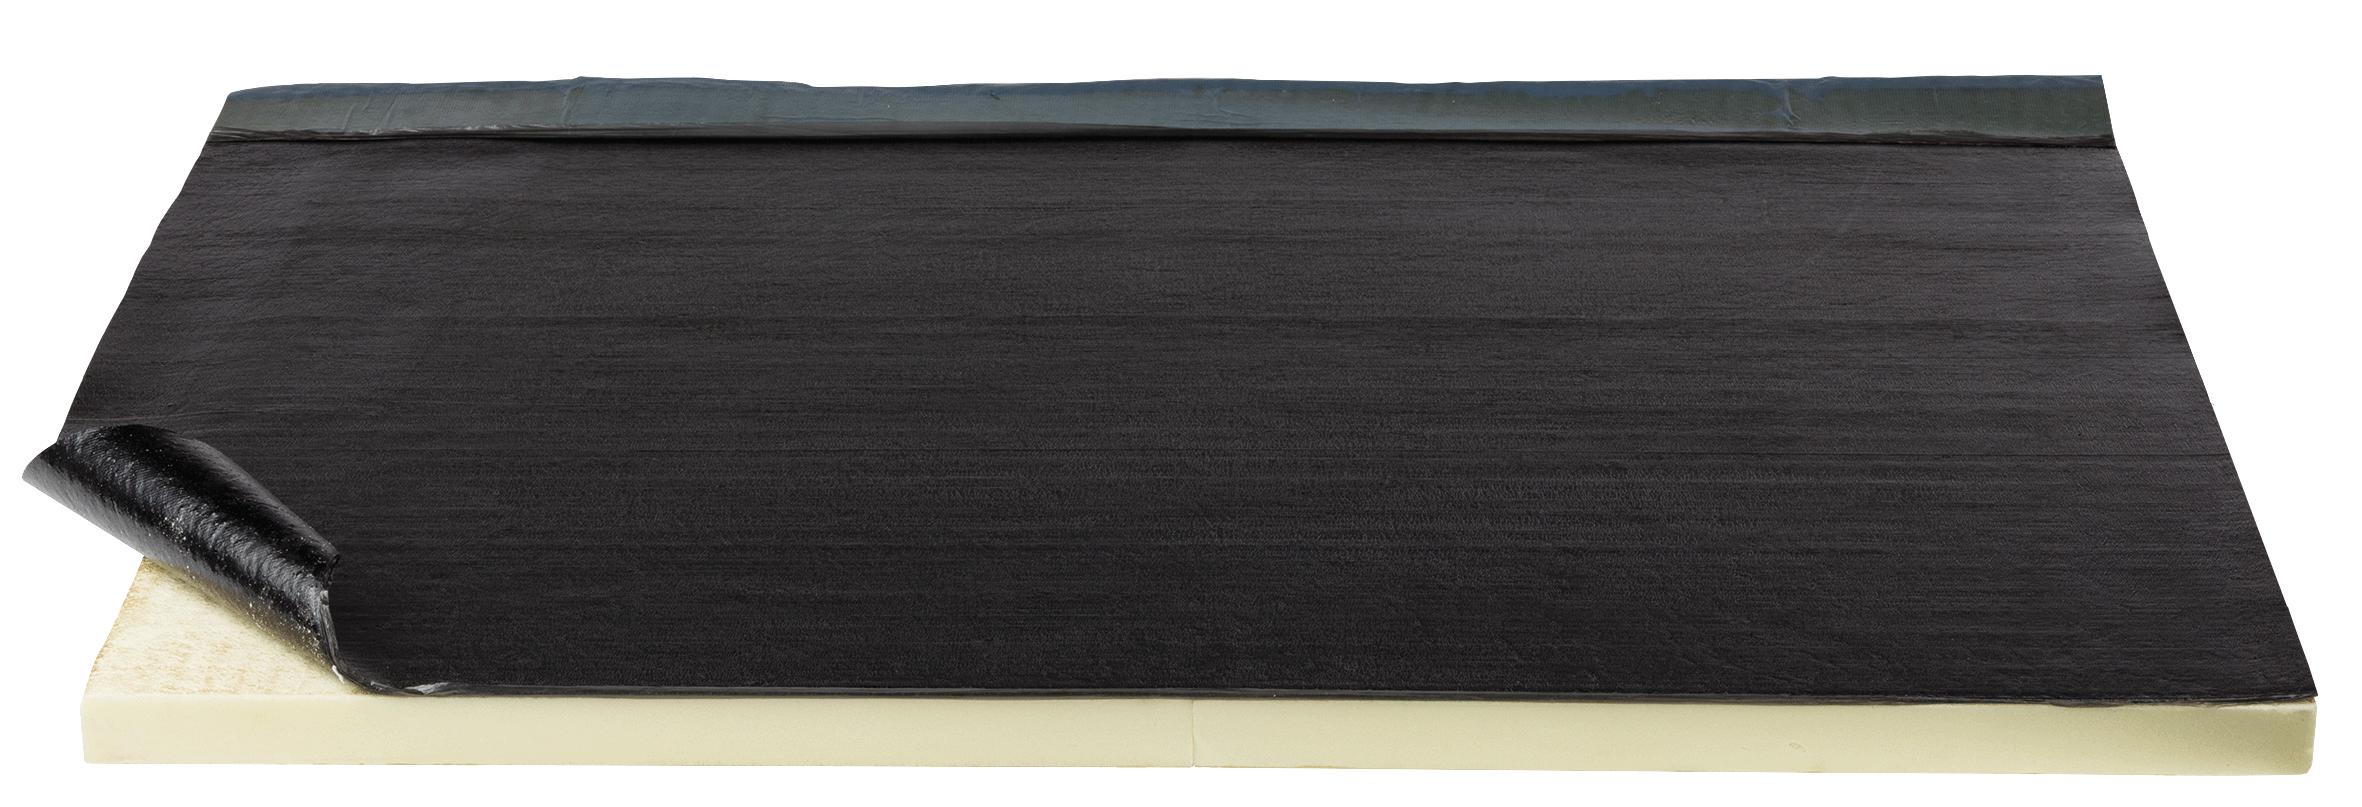 pannelli in poliuretano espanso per isolamento coperture con guaina ardesiata Fopan_PIR nuova fopan